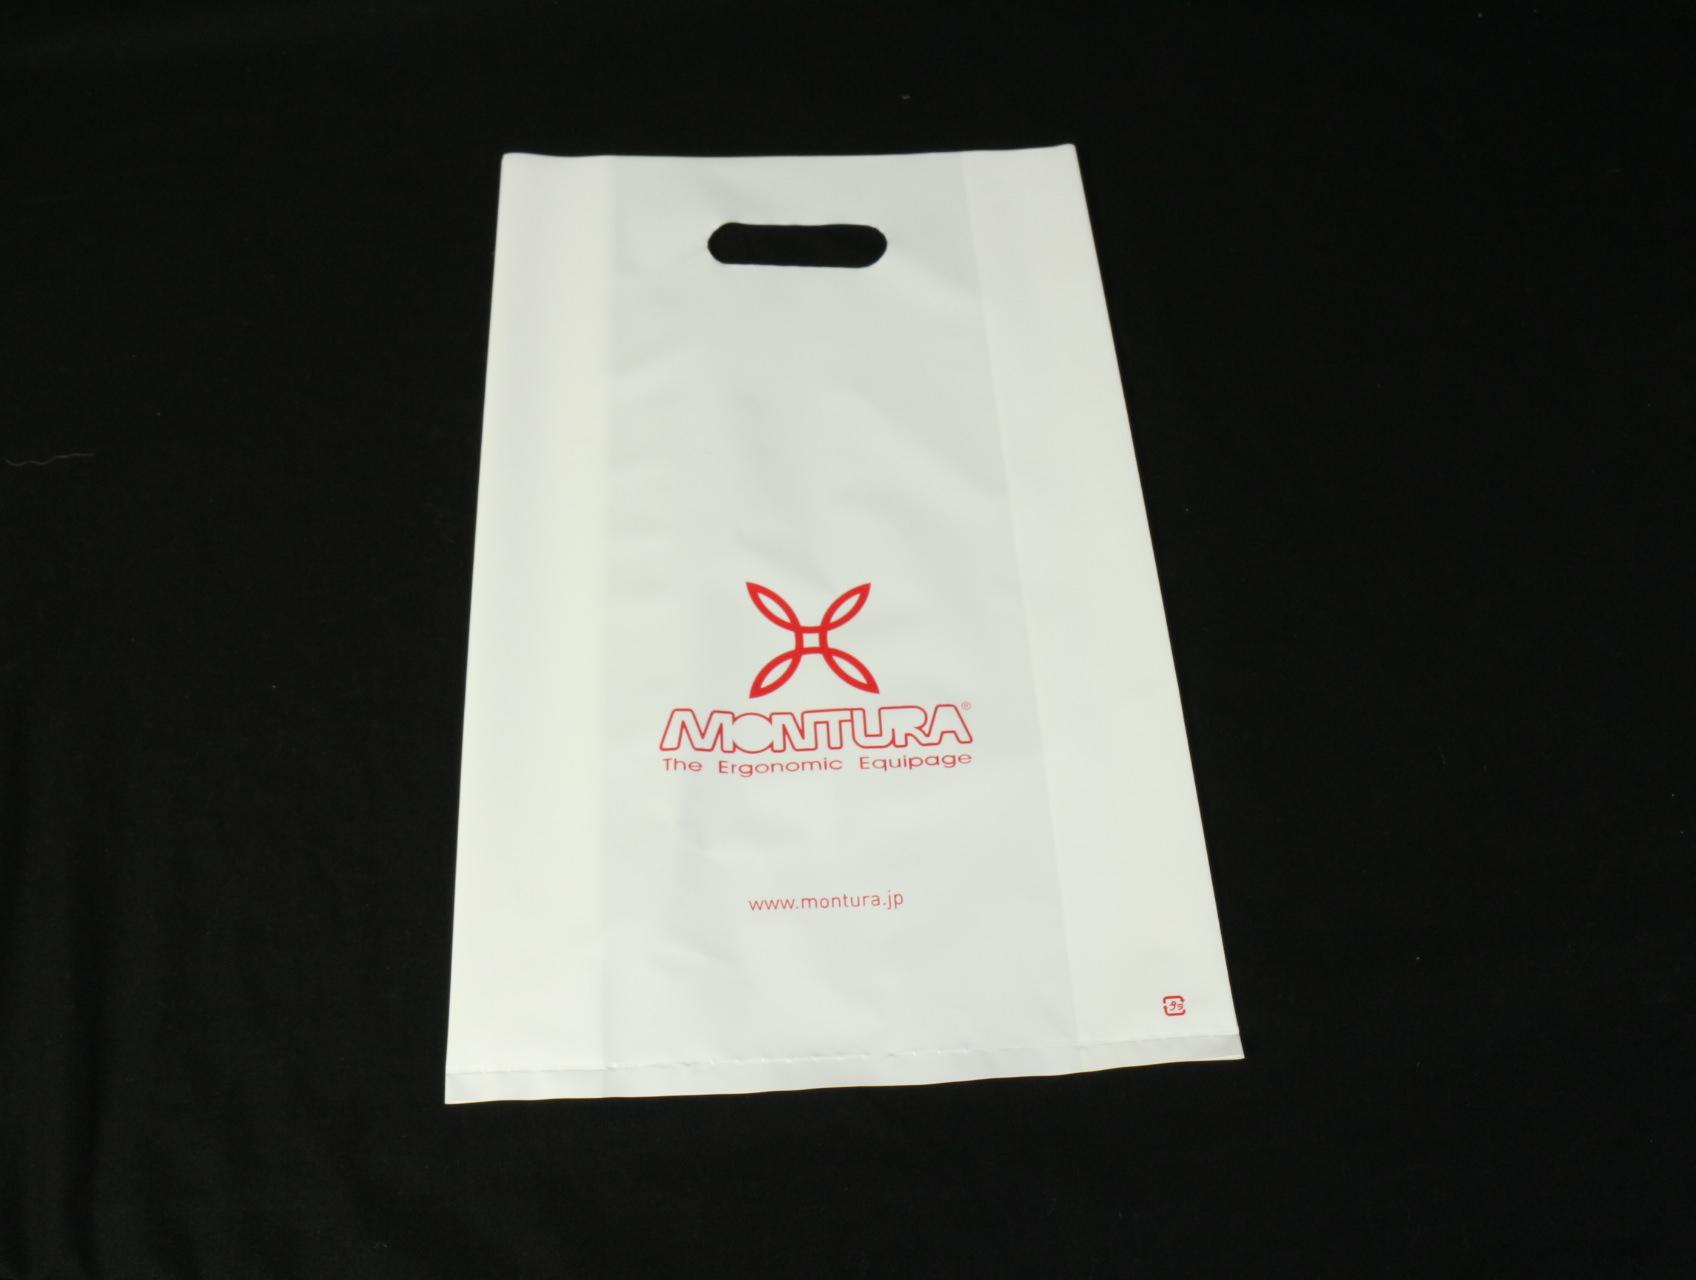 アウトドア用のスポーツウェアを取り扱われているブランド様のポリ袋